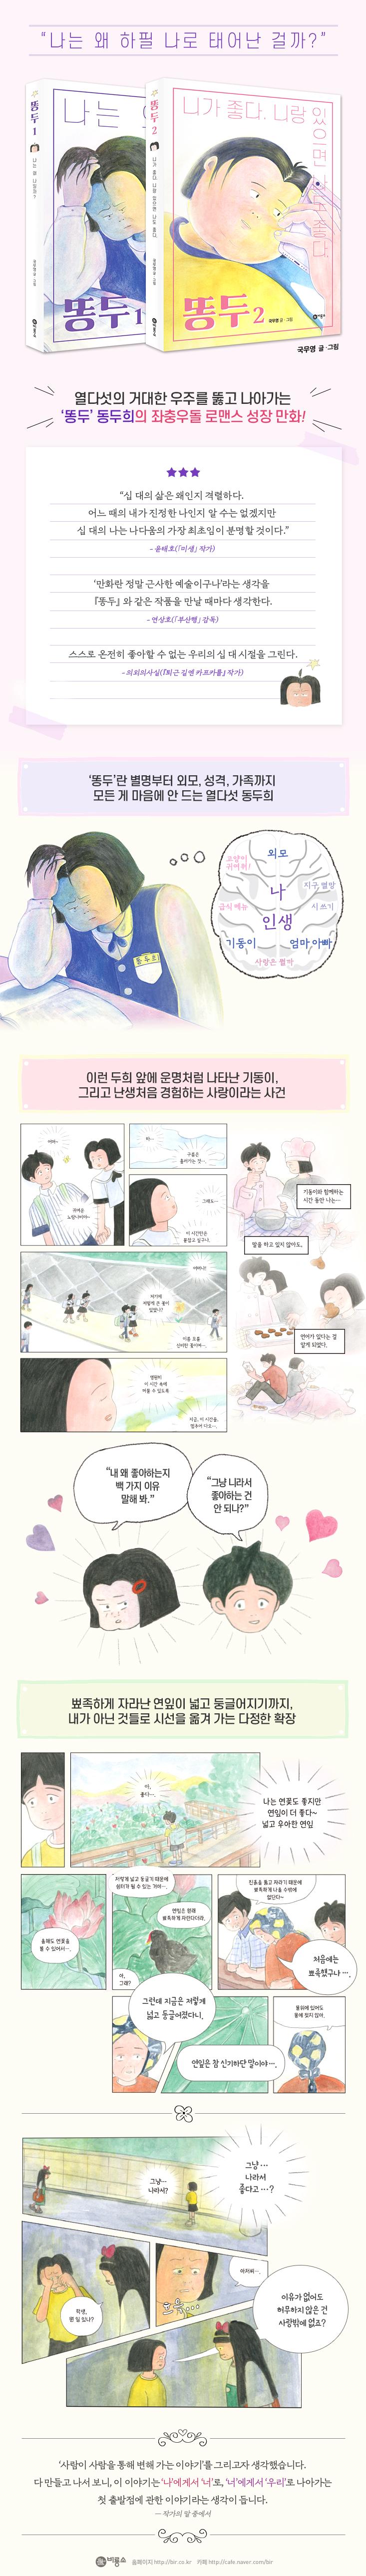 신간_똥두_m